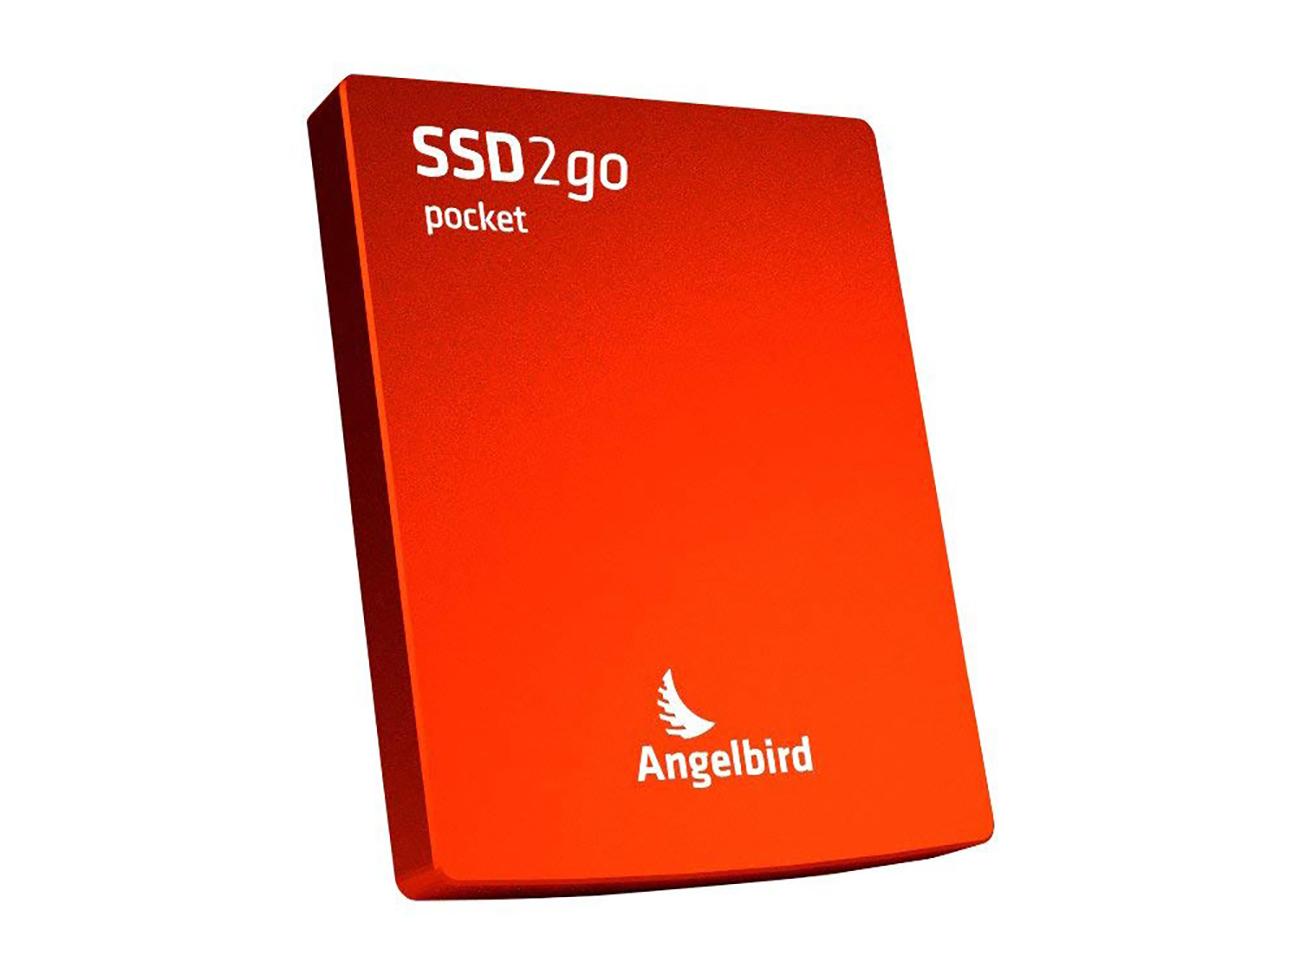 Angelbird memorie per professionisti